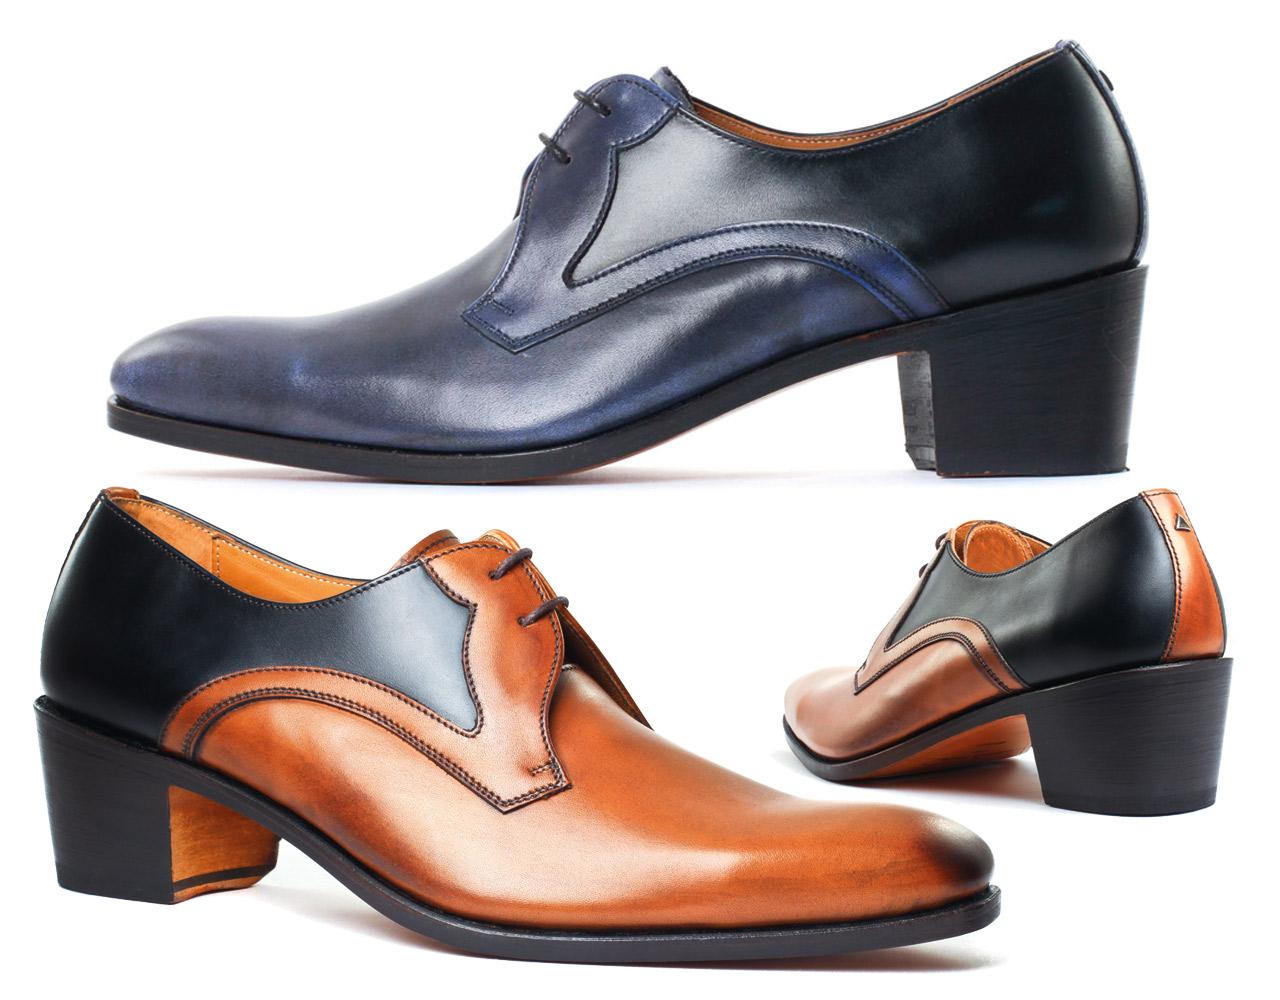 Chaussures à talon haut pour homme | LOUVRE Satin miel - calf noir | Wax Bleue